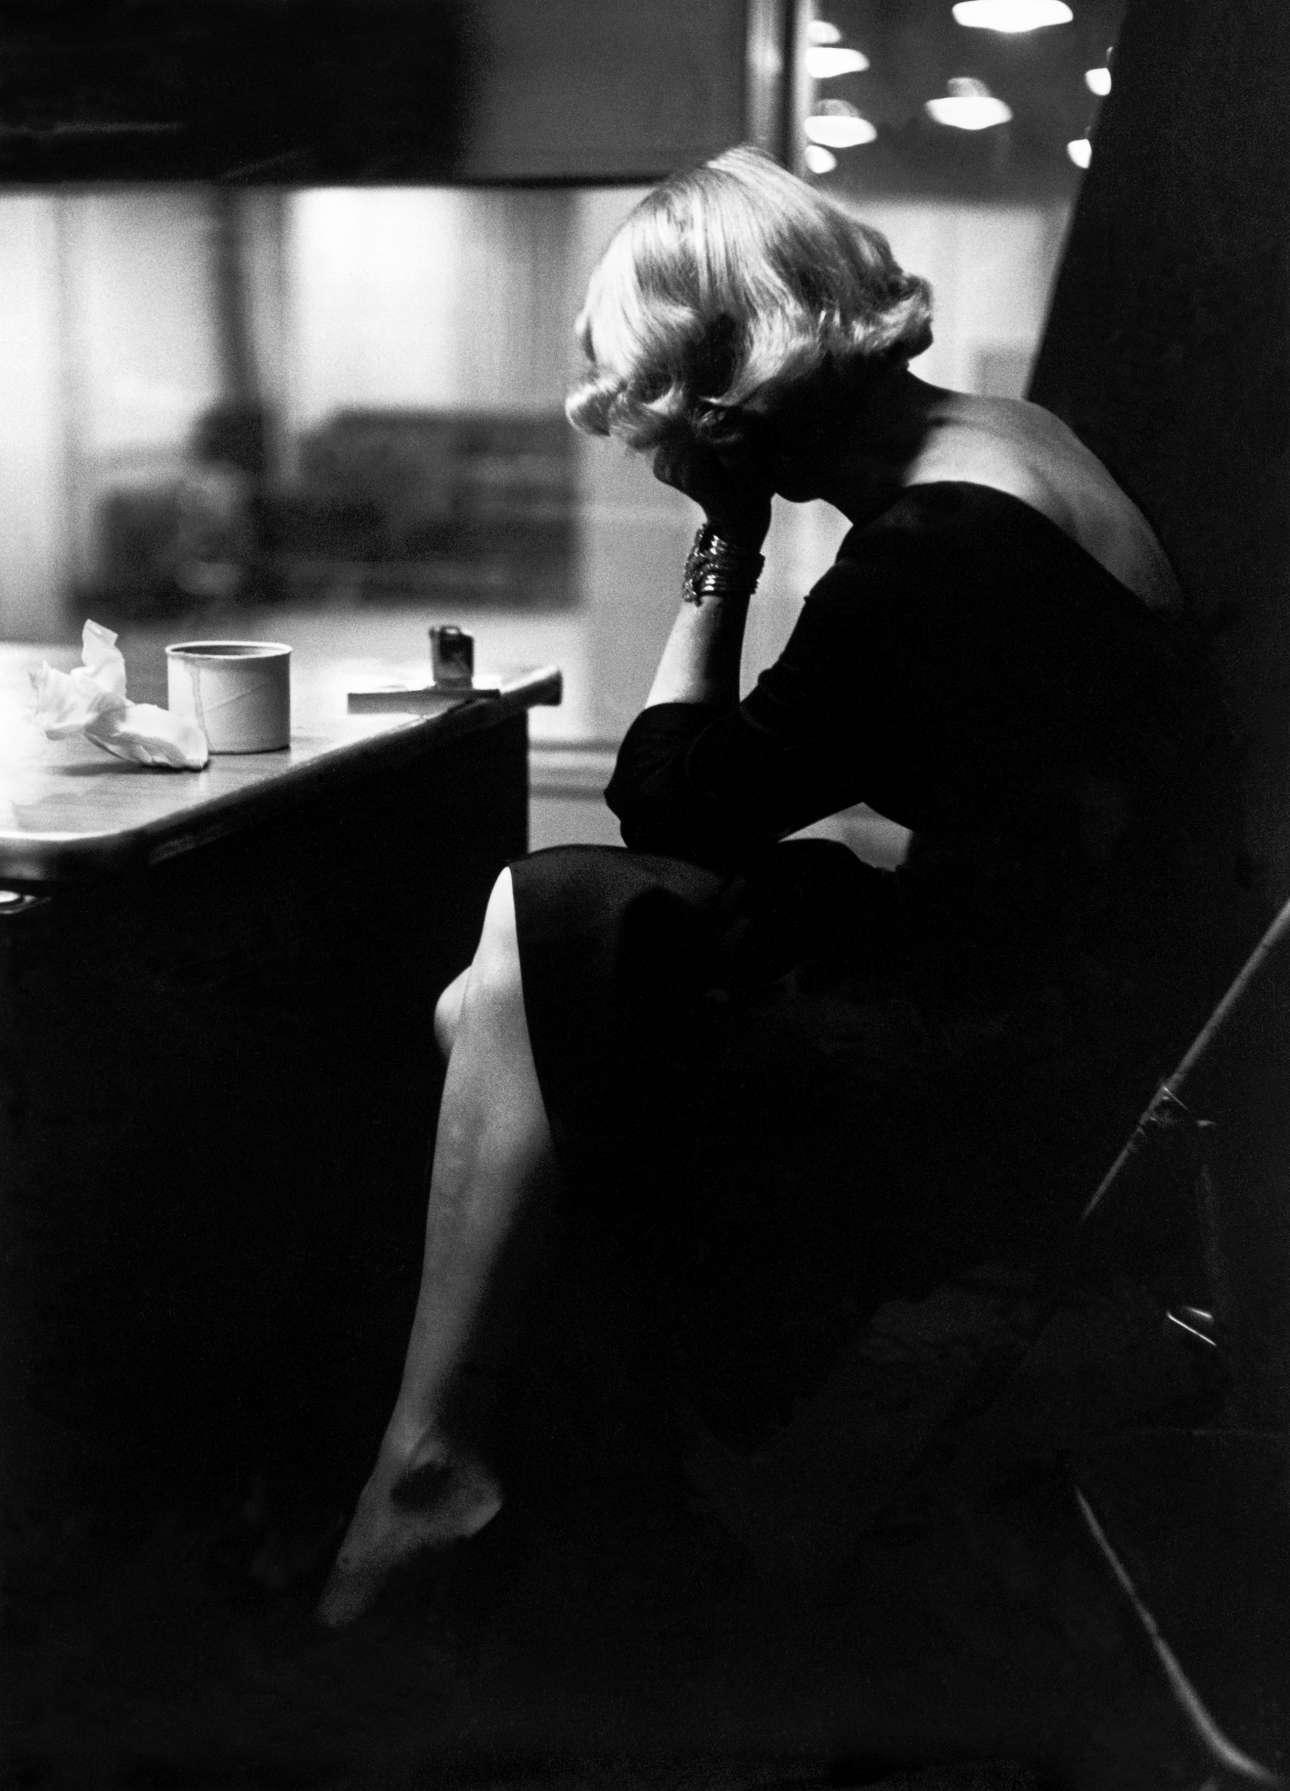 Η Μαρλένε Ντίτριχ στο στούντιο ηχογράφησης της Columbia Records στη Νέα Υόρκη, το 1952. «Εργαζόταν σκληρά και επιμελώς όπως ένας σκαφέας χαντακιών, από τα μεσάνυχτα που έφτανε μέχρι τις 6 το πρωί. Την ακολούθησα από την πρόβα στην ηχογράφηση στo playback και ξανά από την αρχή καθώς δούλευε, και τίποτα δεν αμφισβητούνταν ή ήταν εκτός ορίων», γράφει στις σημειώσεις της η Ιβ Αρνολντ.  Η κορυφαία φωτογράφος ήταν από τις πρώτες που «έβγαλε» τους αστέρες της εποχής έξω από τα στούντιο και τους φωτογράφιζε σε προσωπικές στιγμές.